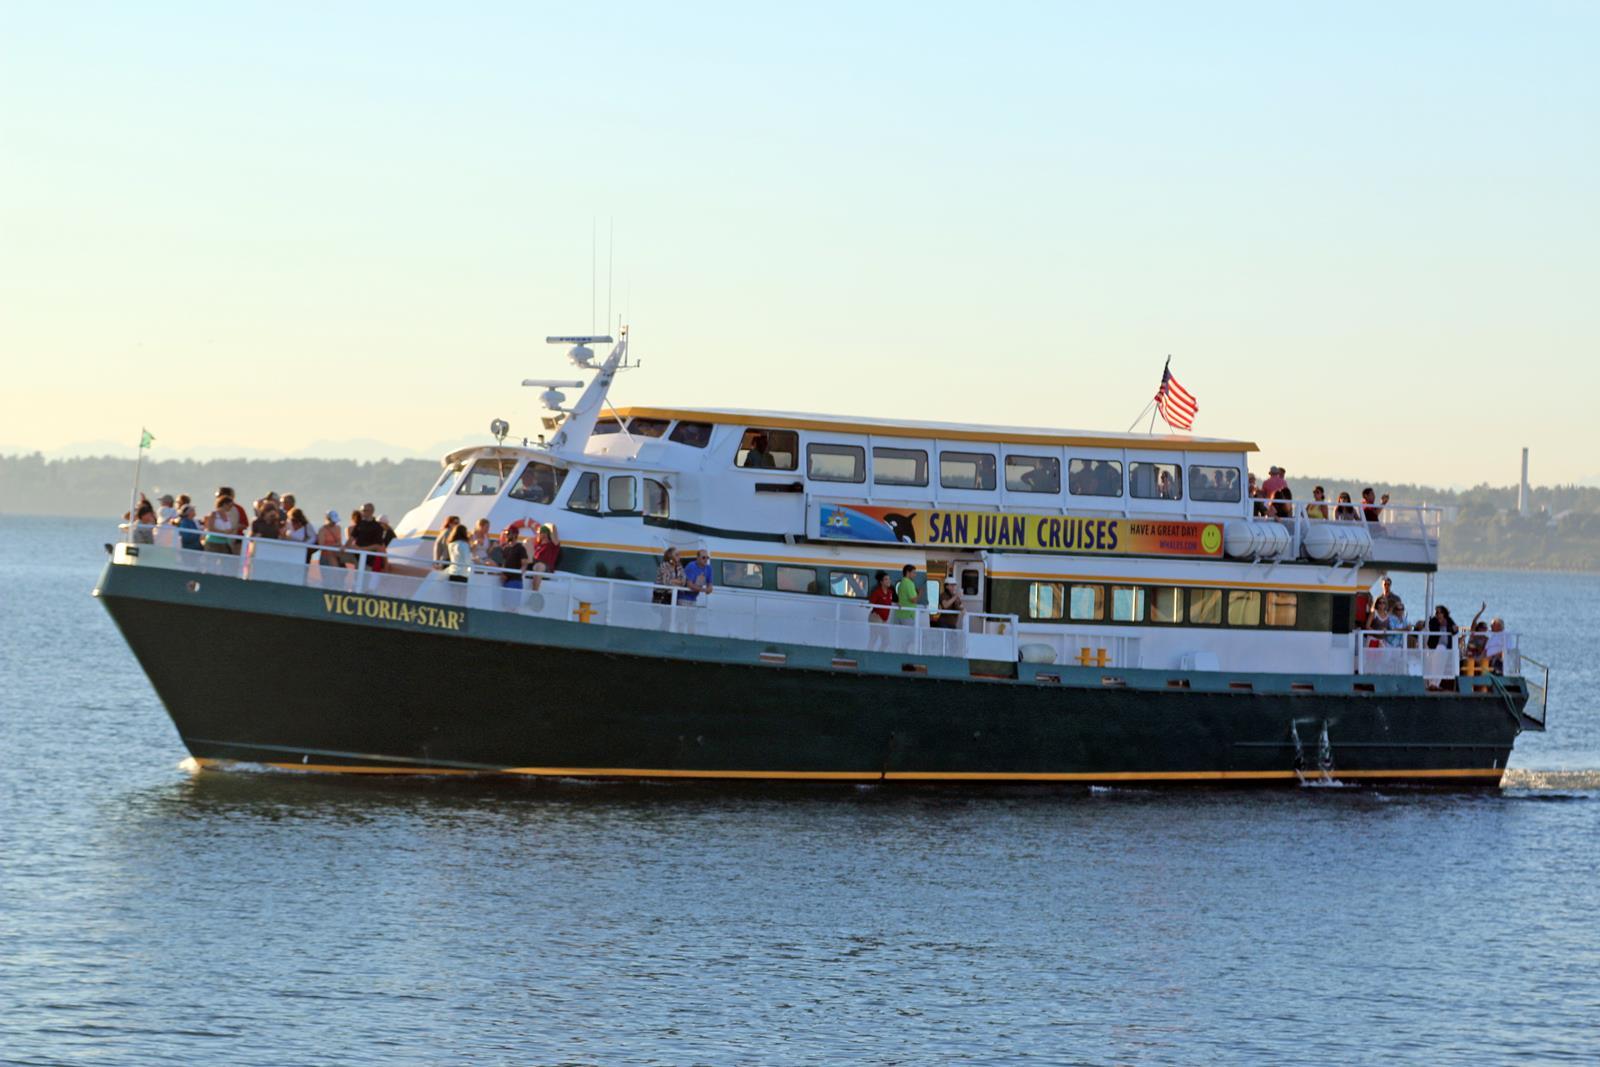 San Juan Cruises_Credit Eric Creitz & San Juan Cruises